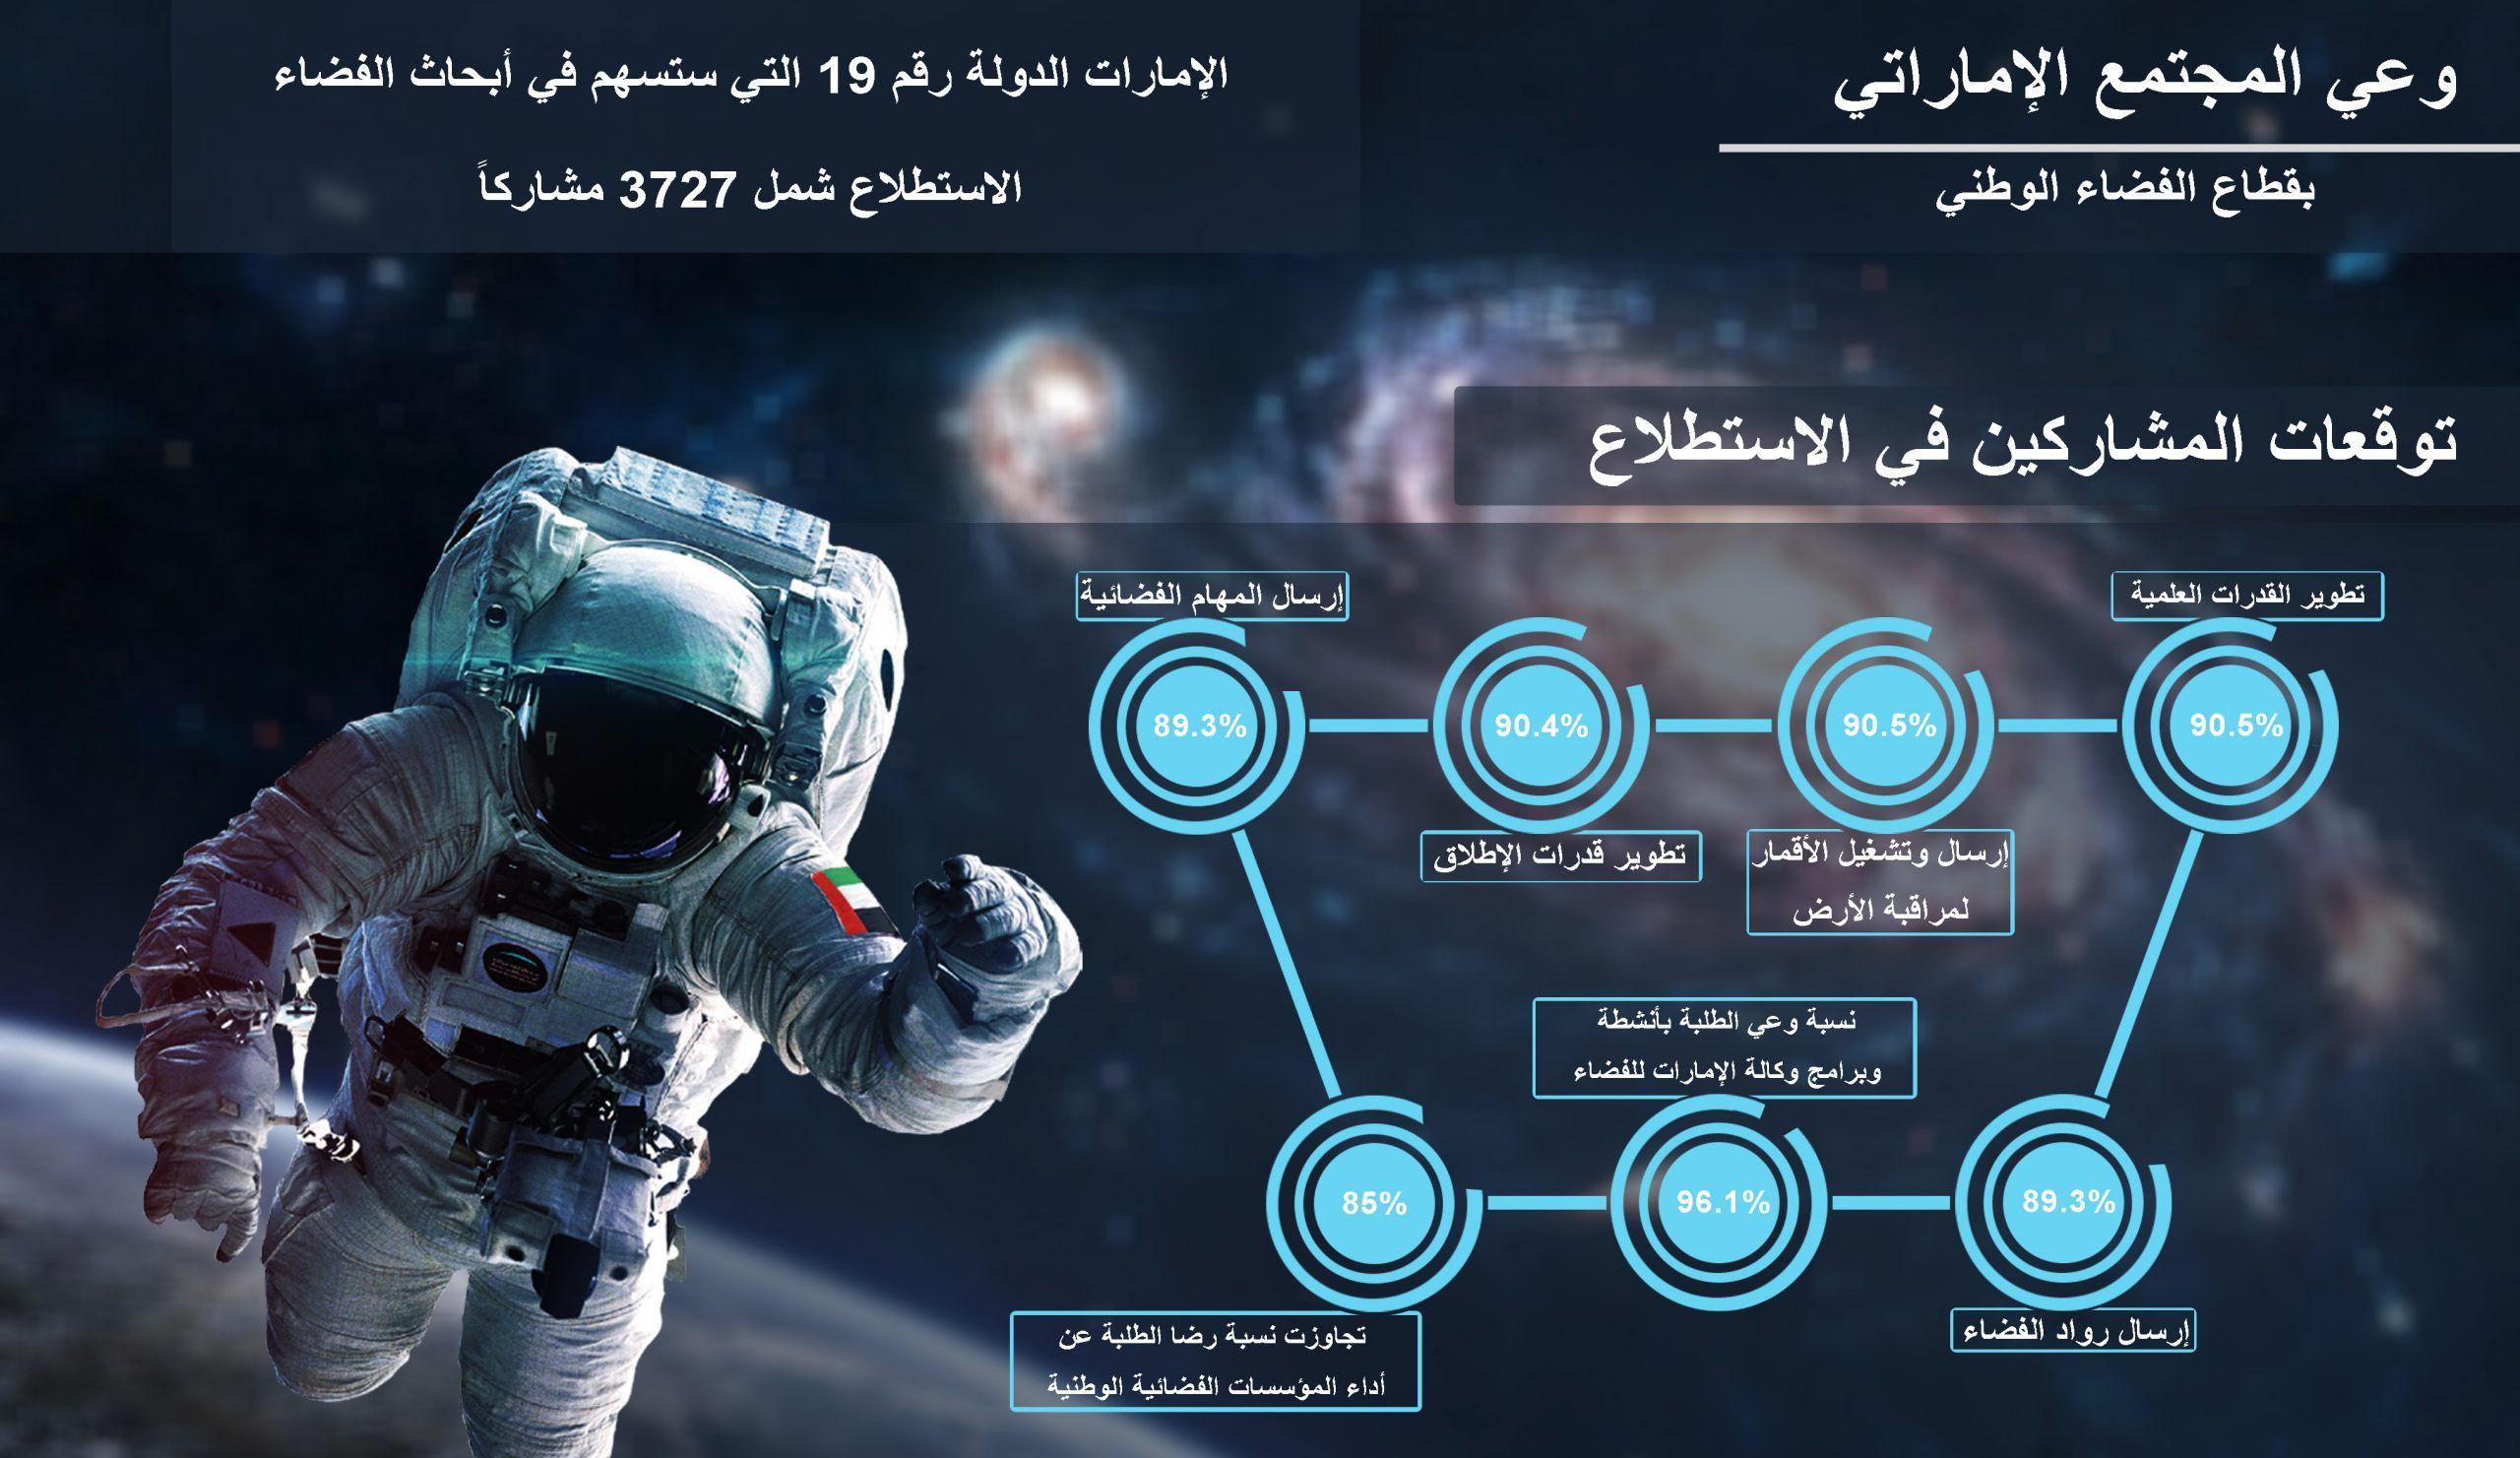 المؤشر الإماراتي مستويات وعي المجتمع الإماراتي بقطاع الفضاء 85th 90 S